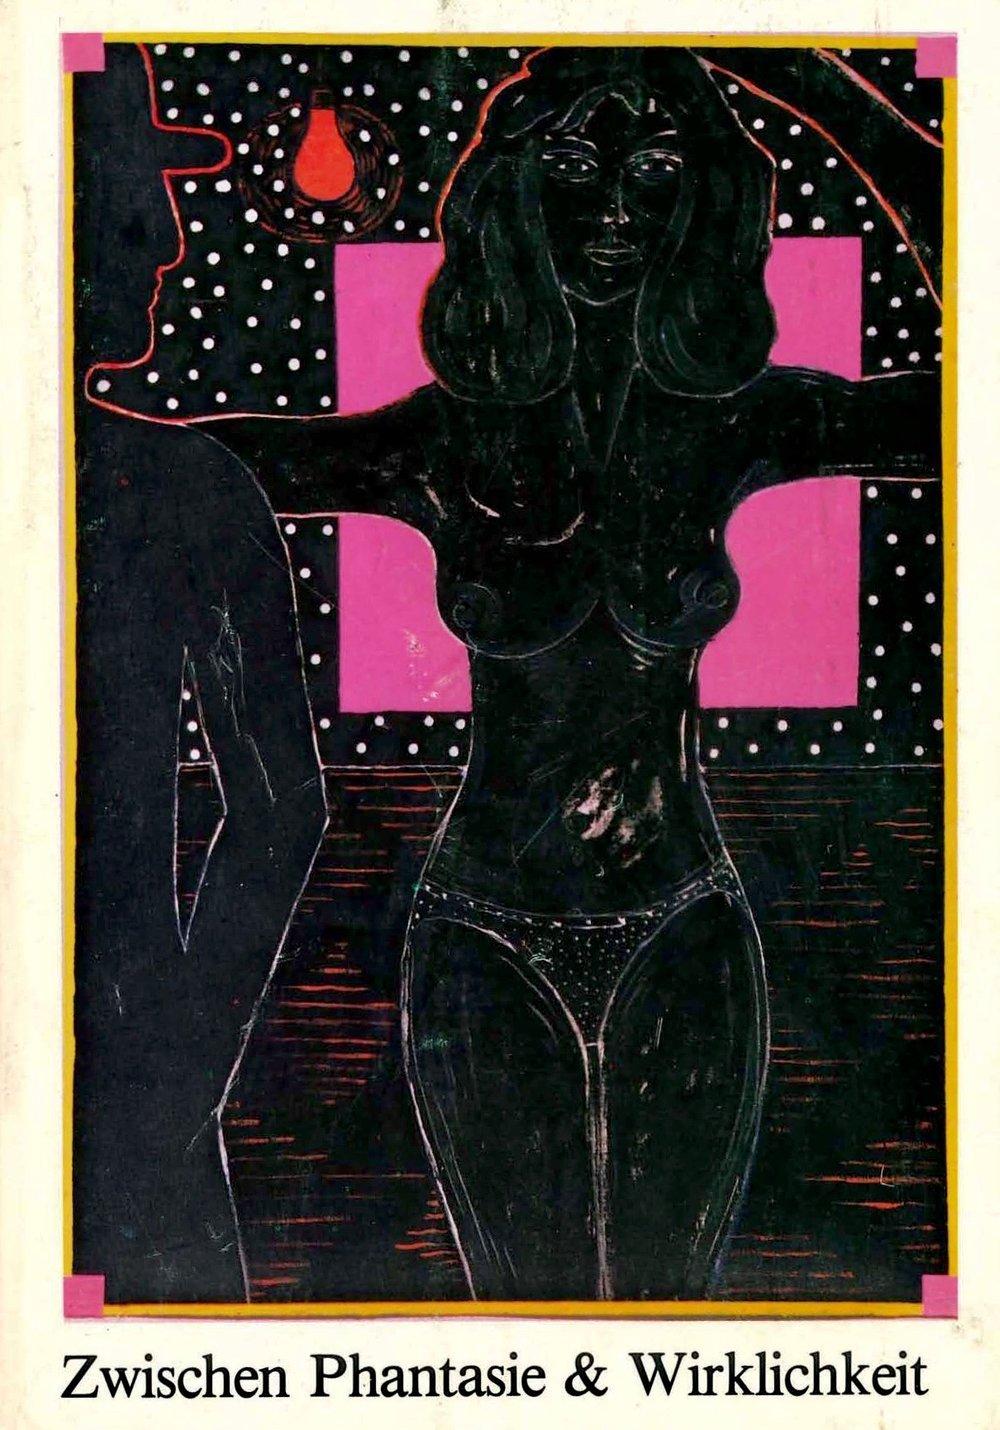 Zwischen Phantasie & Wirklichkeit 1981